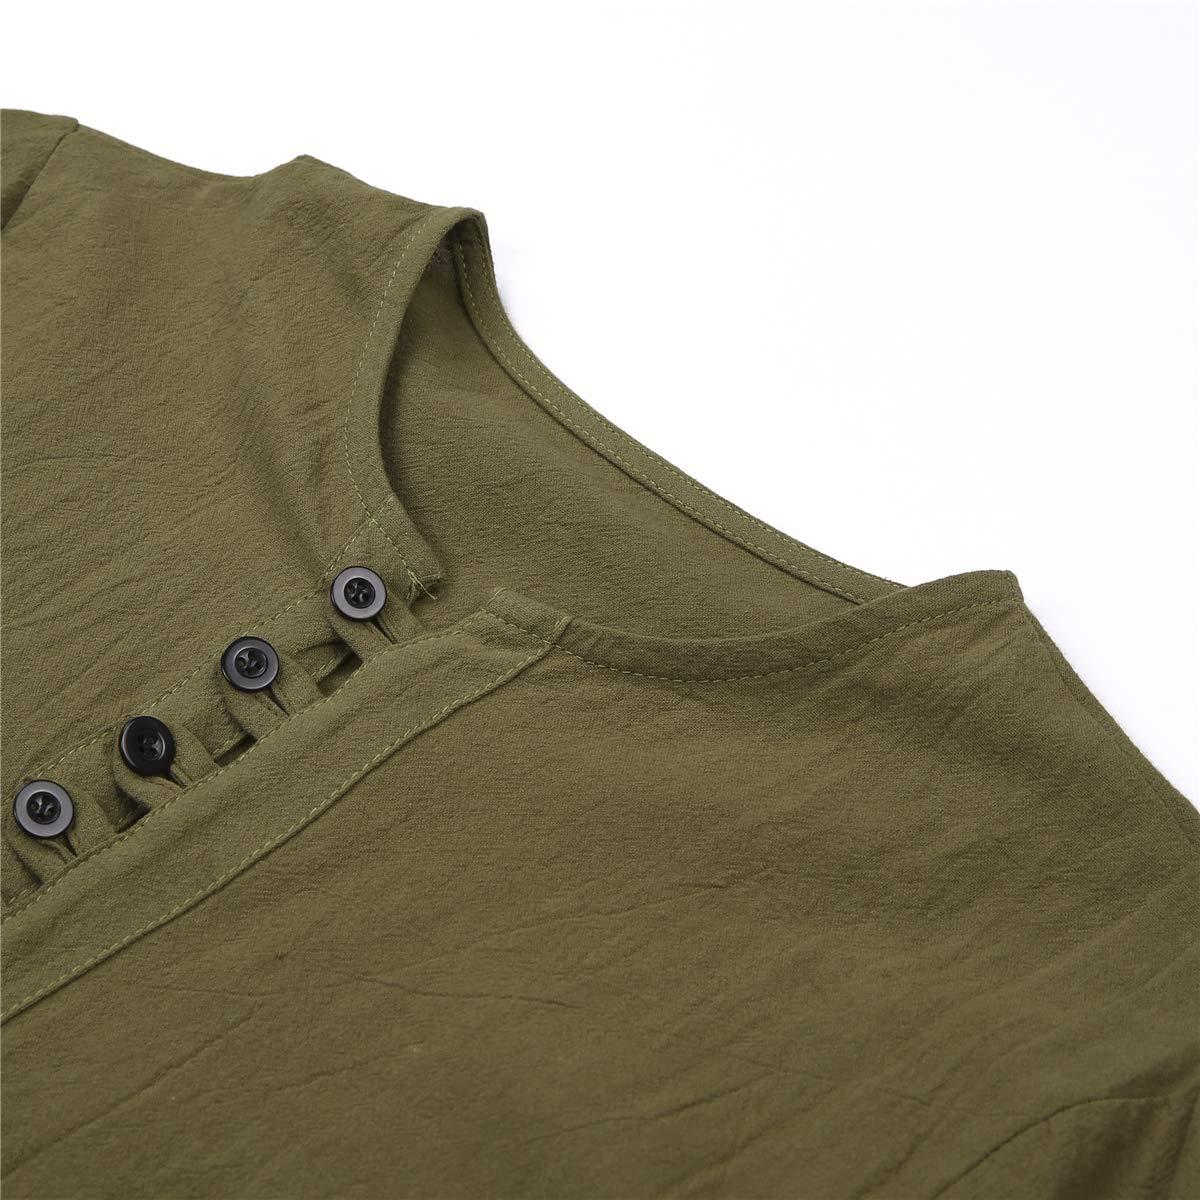 Mens Long Sleeve Shirt Button Up Beach Slim Fit Henleys Tops